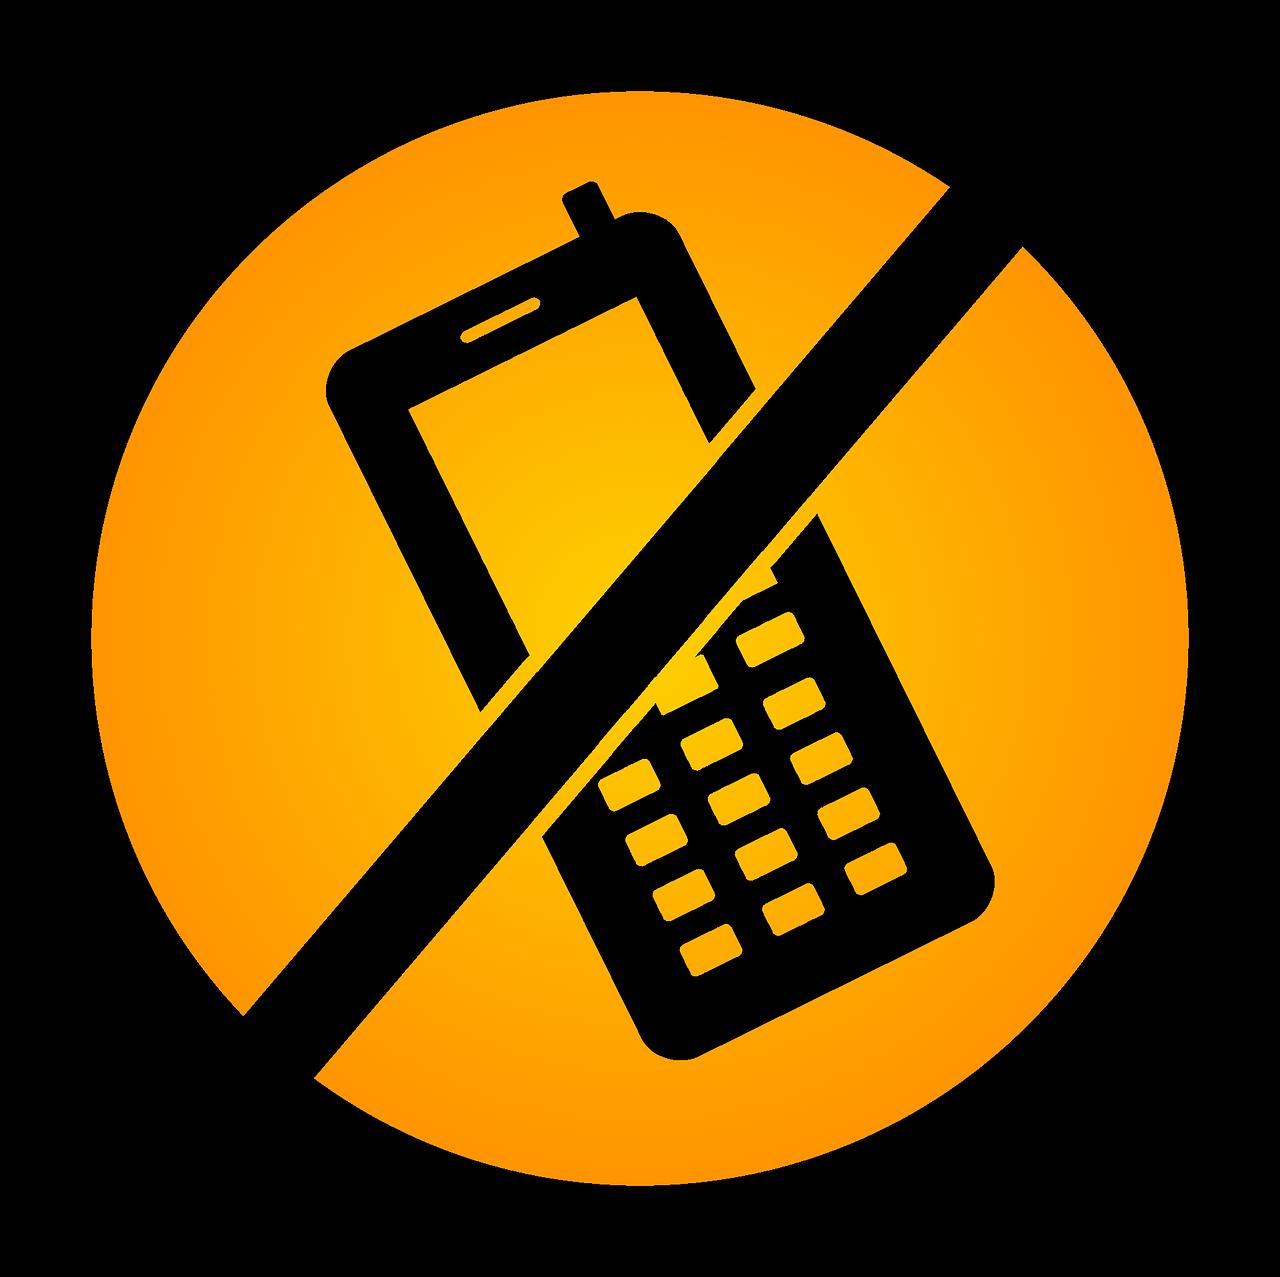 утонченная картинки по телефону не разговаривать всей стране